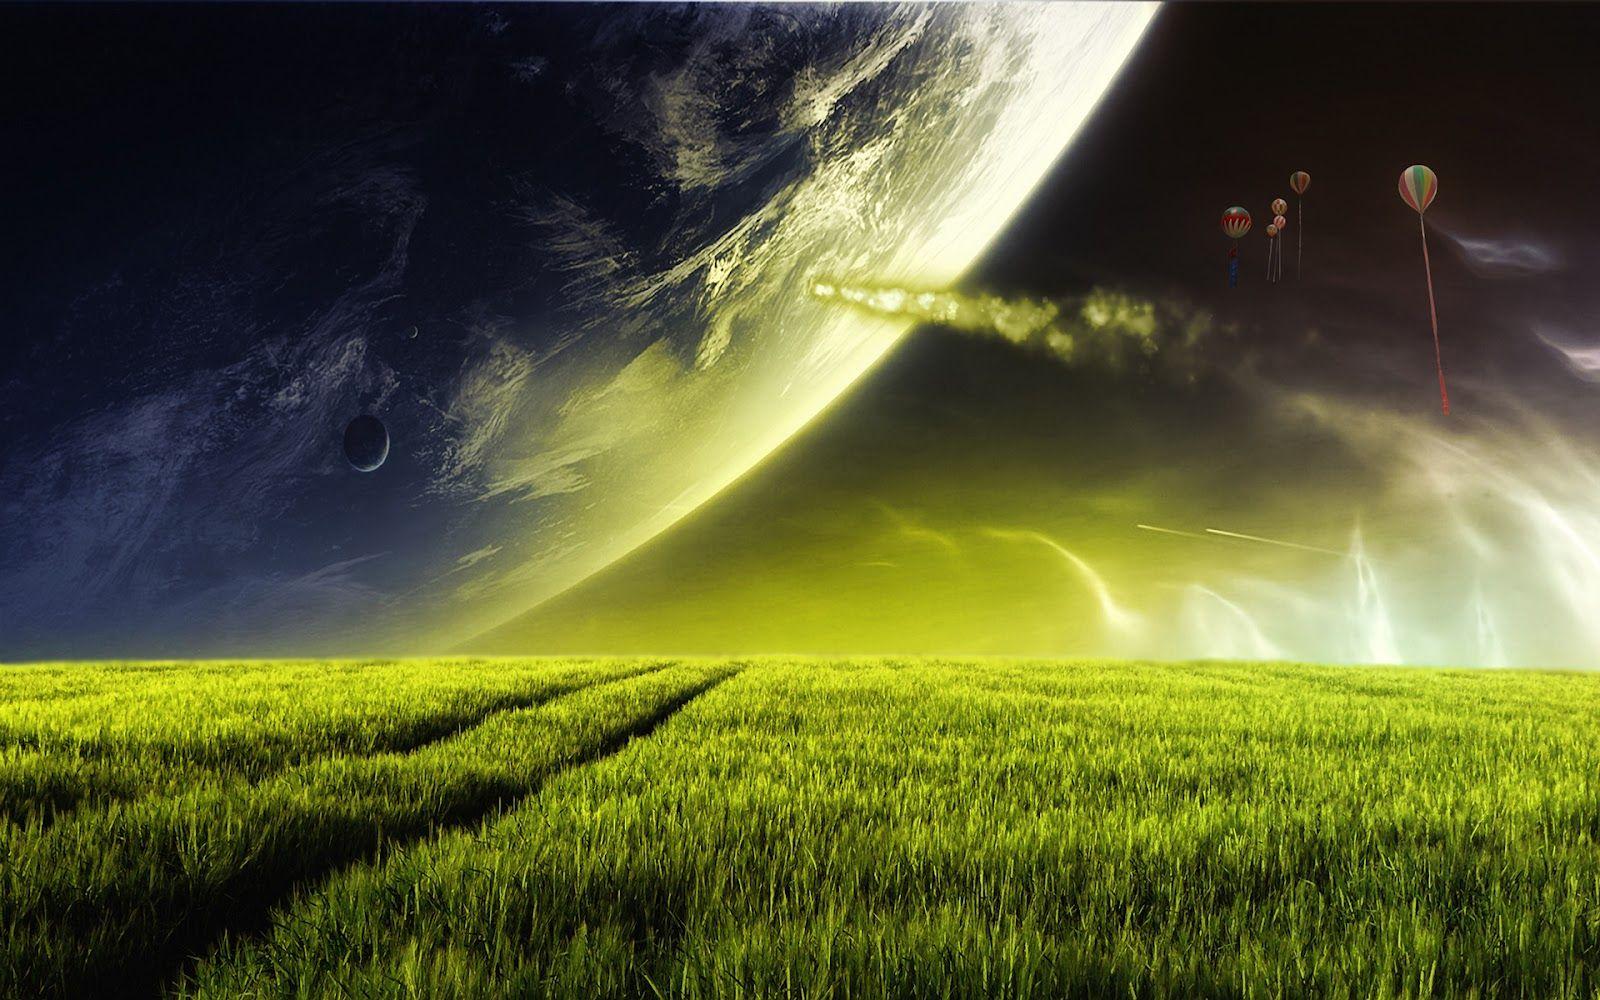 Hd Desktop Wallpapers Free Online Hd Landscape Wallpaper Set Landscape Wallpaper Hd Landscape Planets Wallpaper